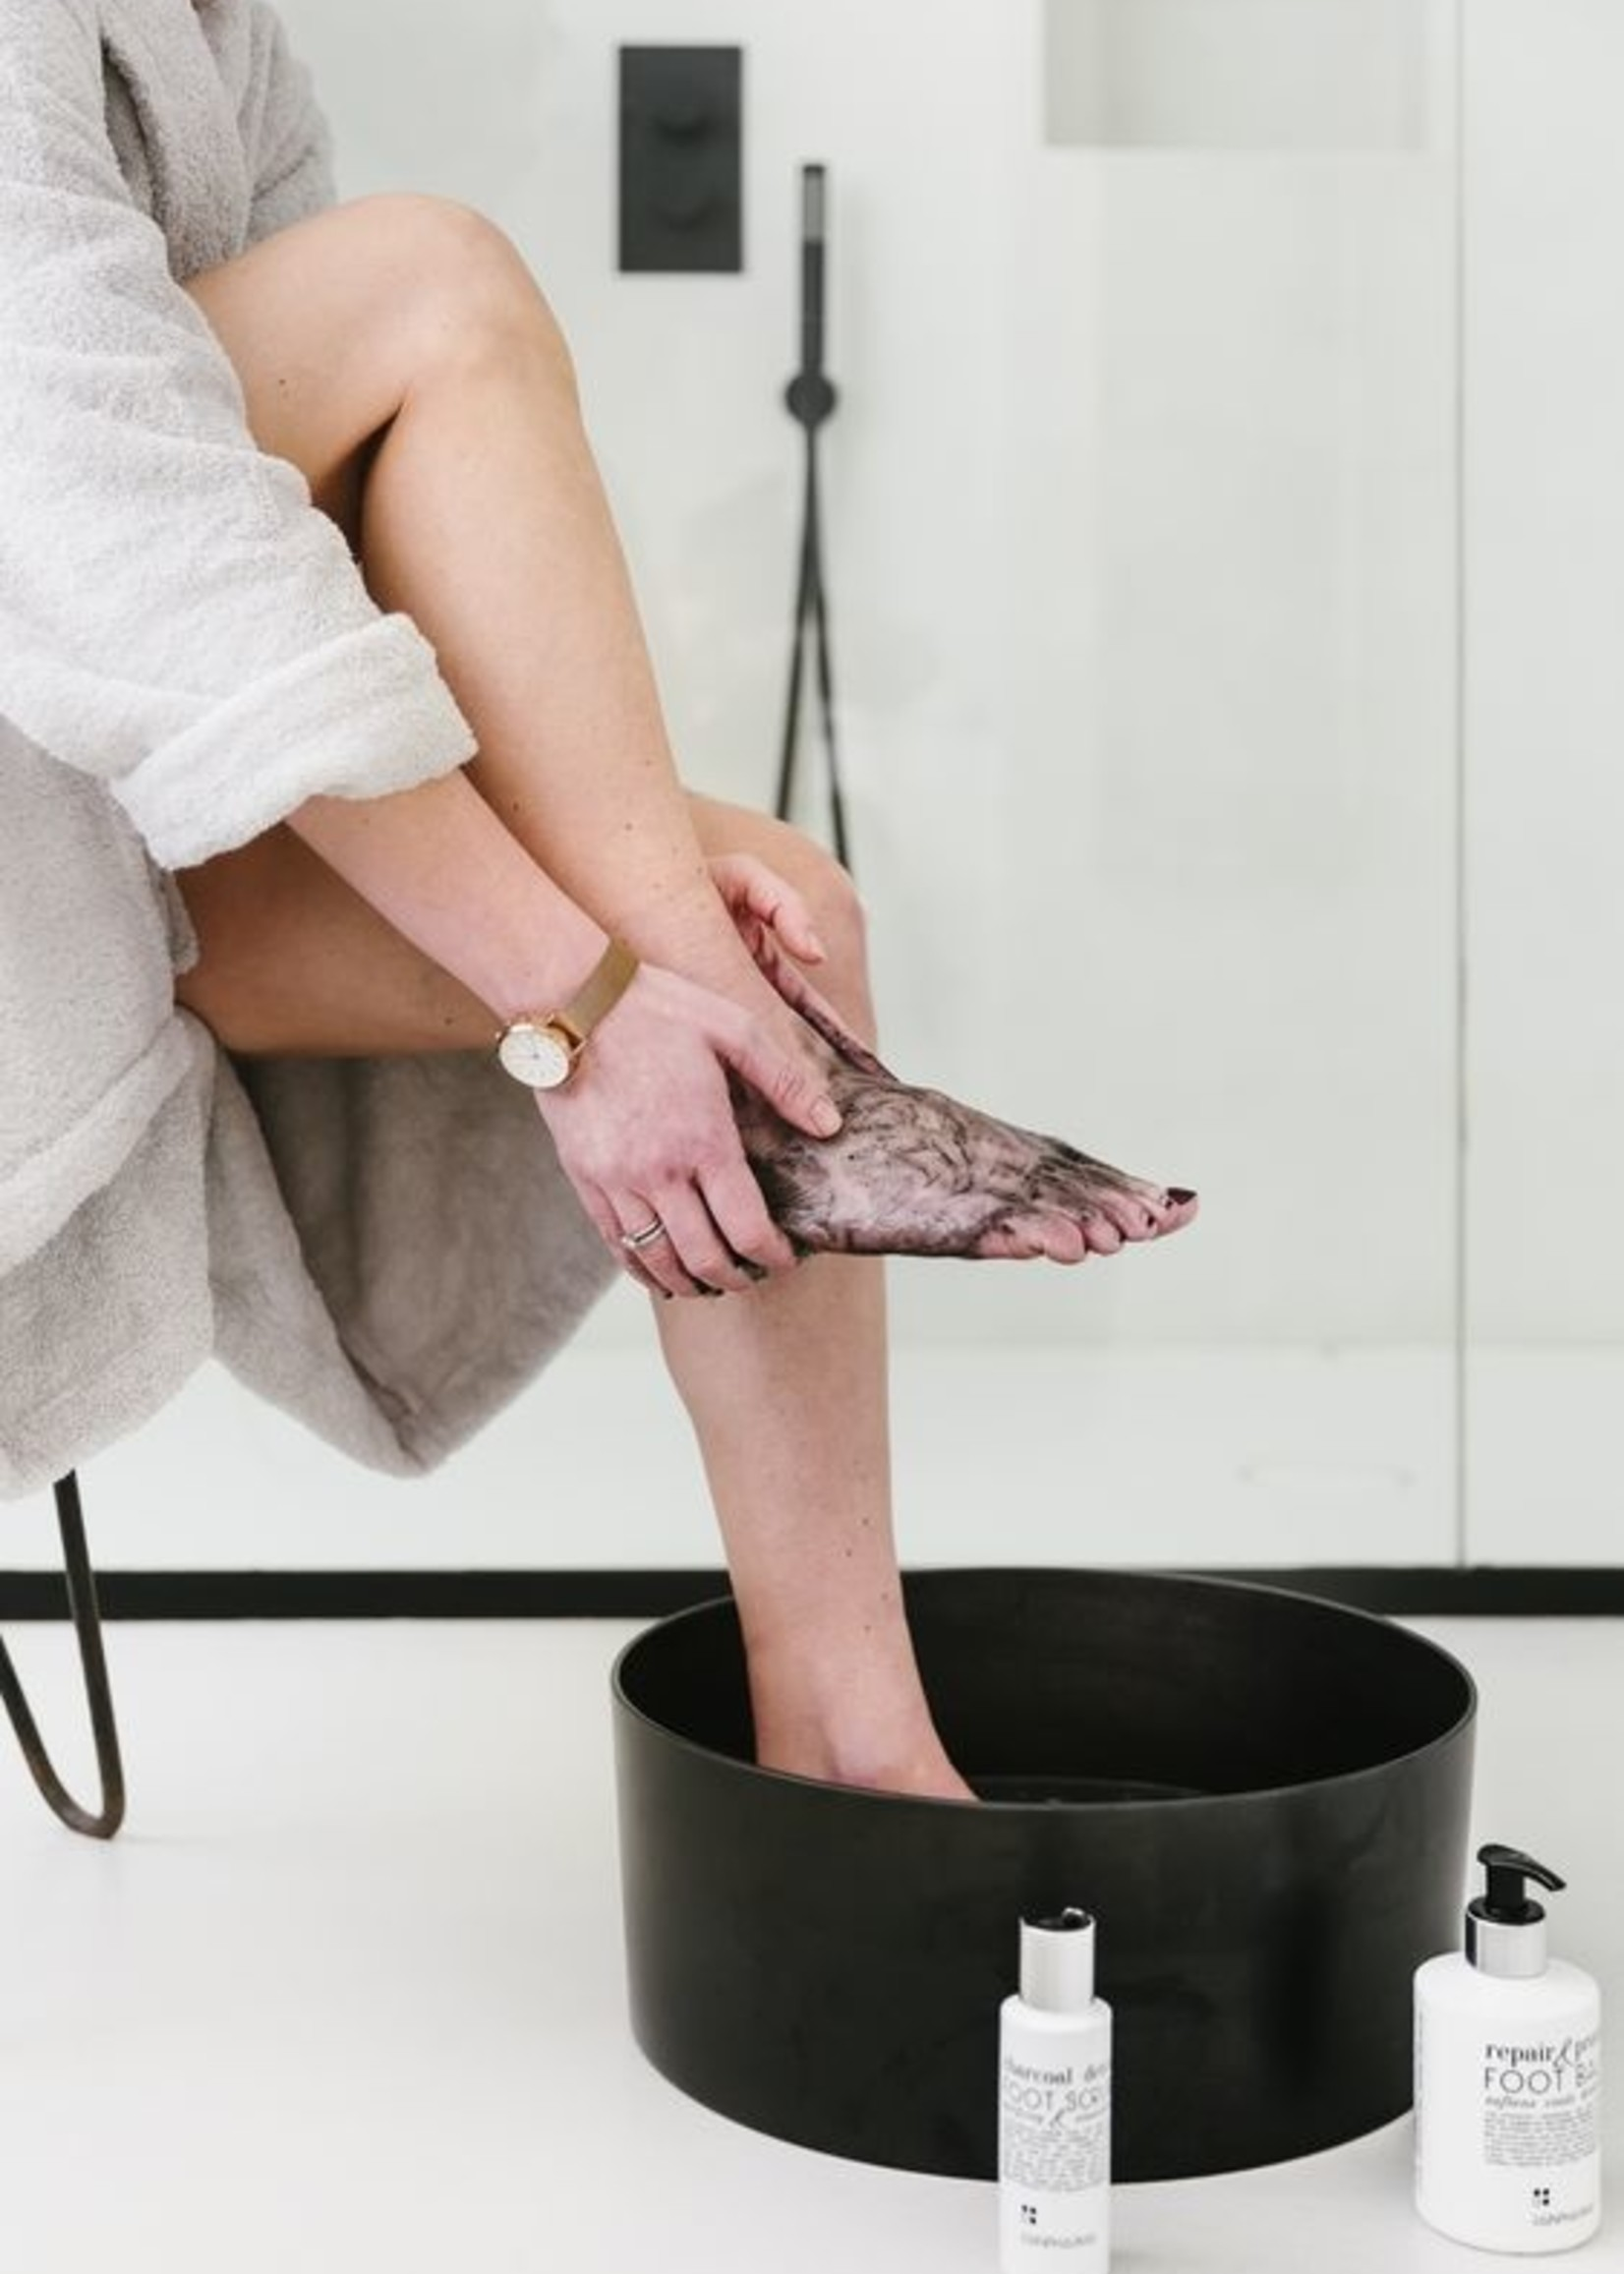 Rainpharma NEVER ENDING CIRCLE voetbad